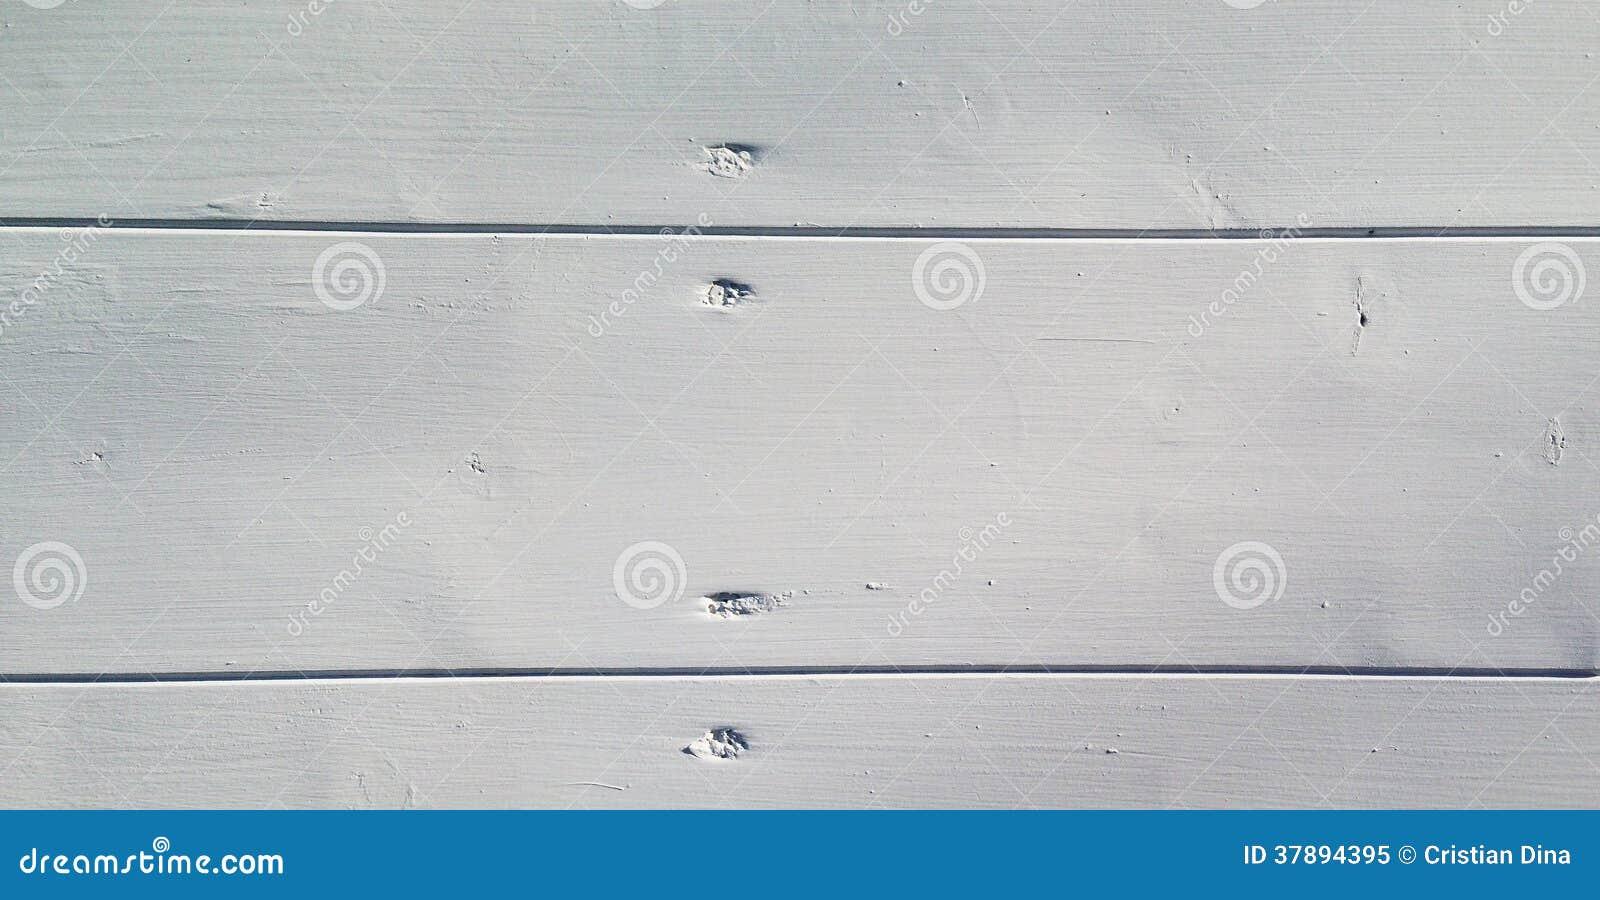 Wide white wooden board